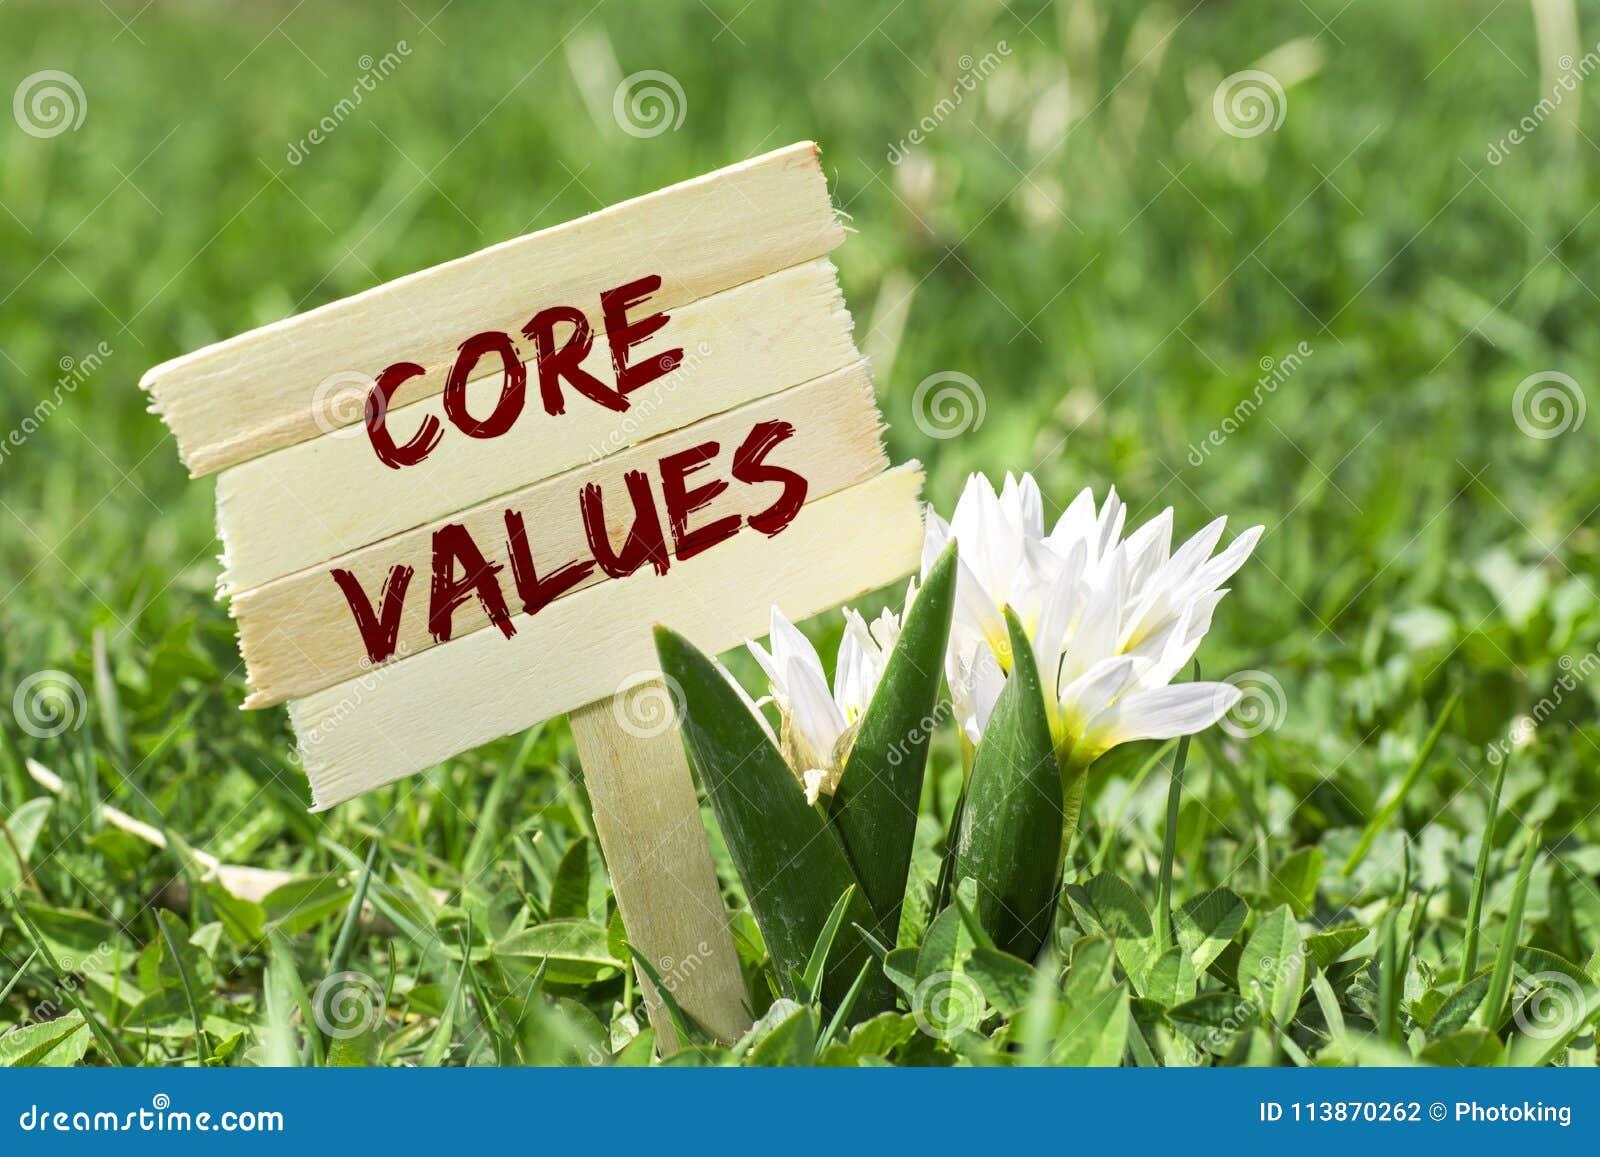 Rdzeniuje wartości